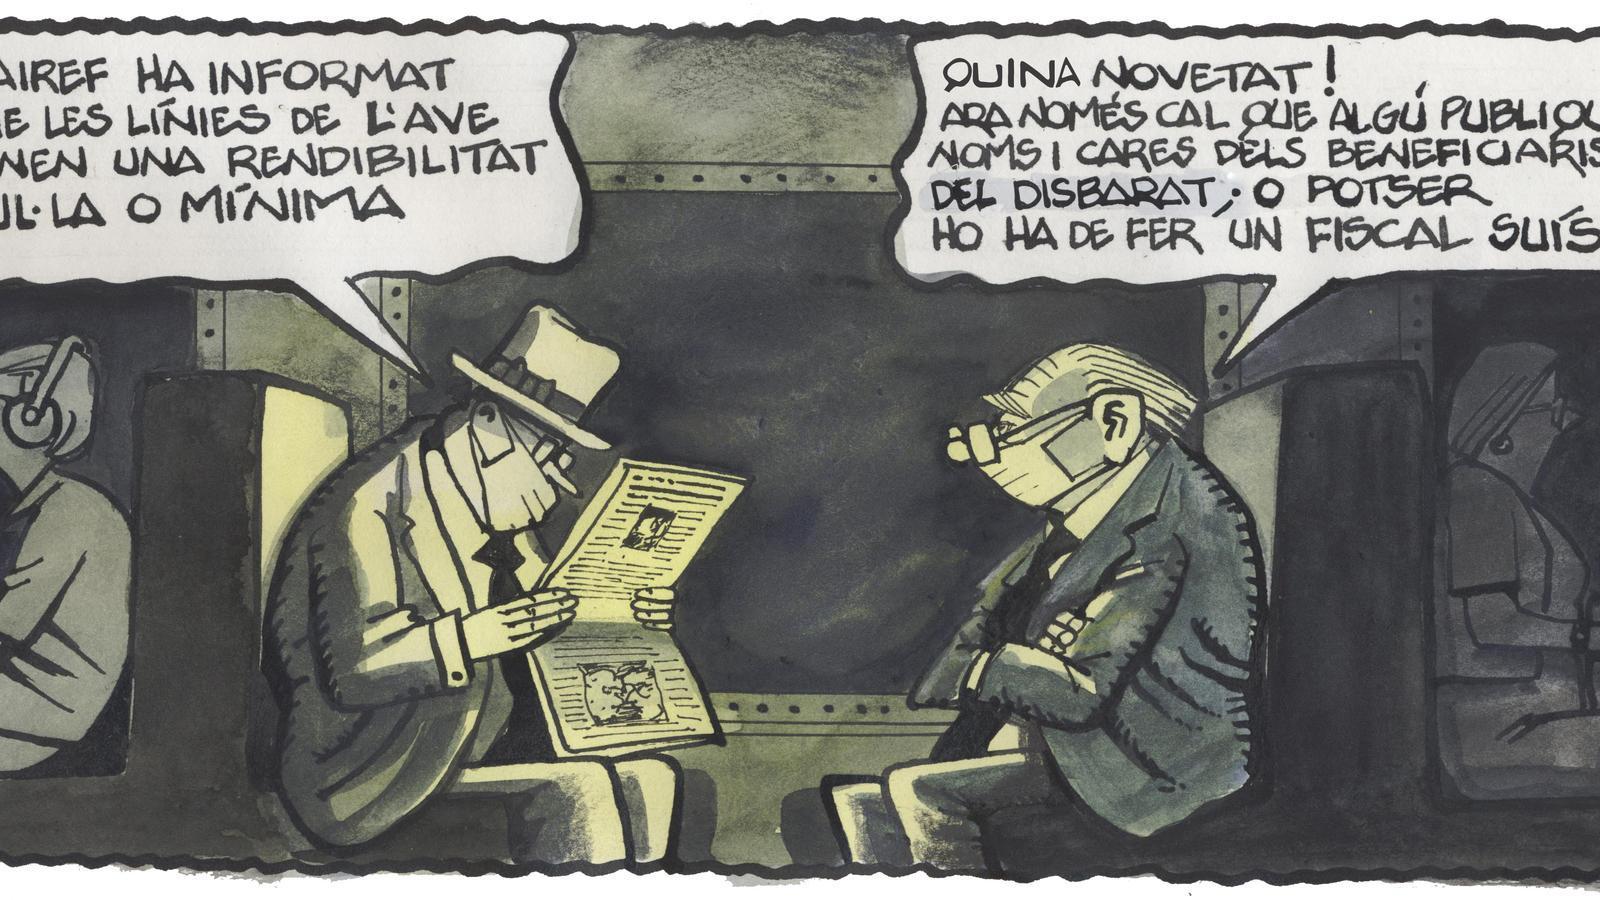 'A la contra', per Ferreres 11/08/2020